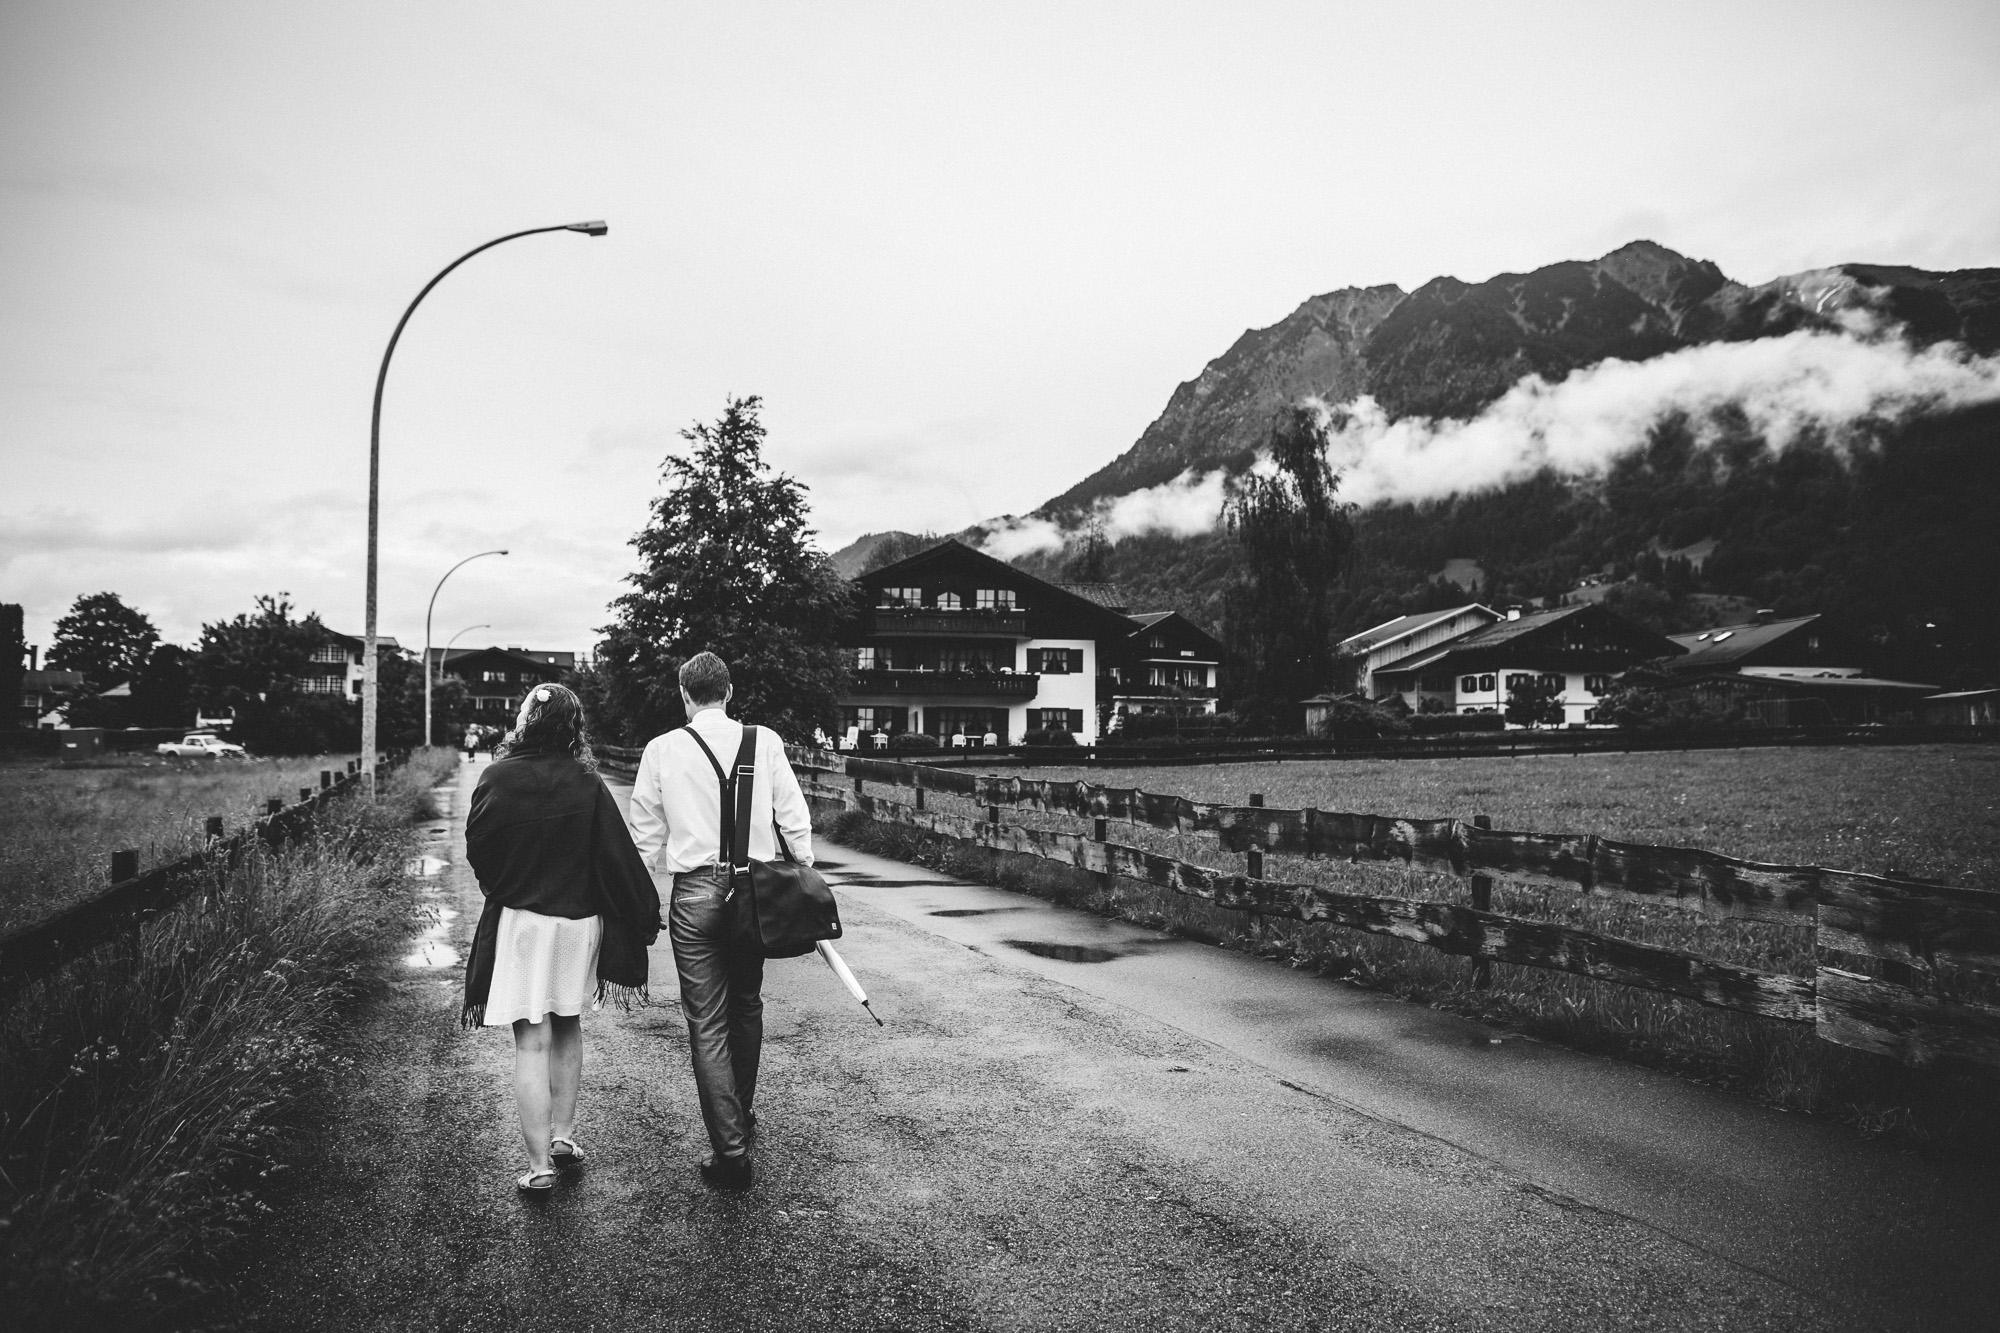 svea und keve 049 - Nur zu zweit in den Bergen